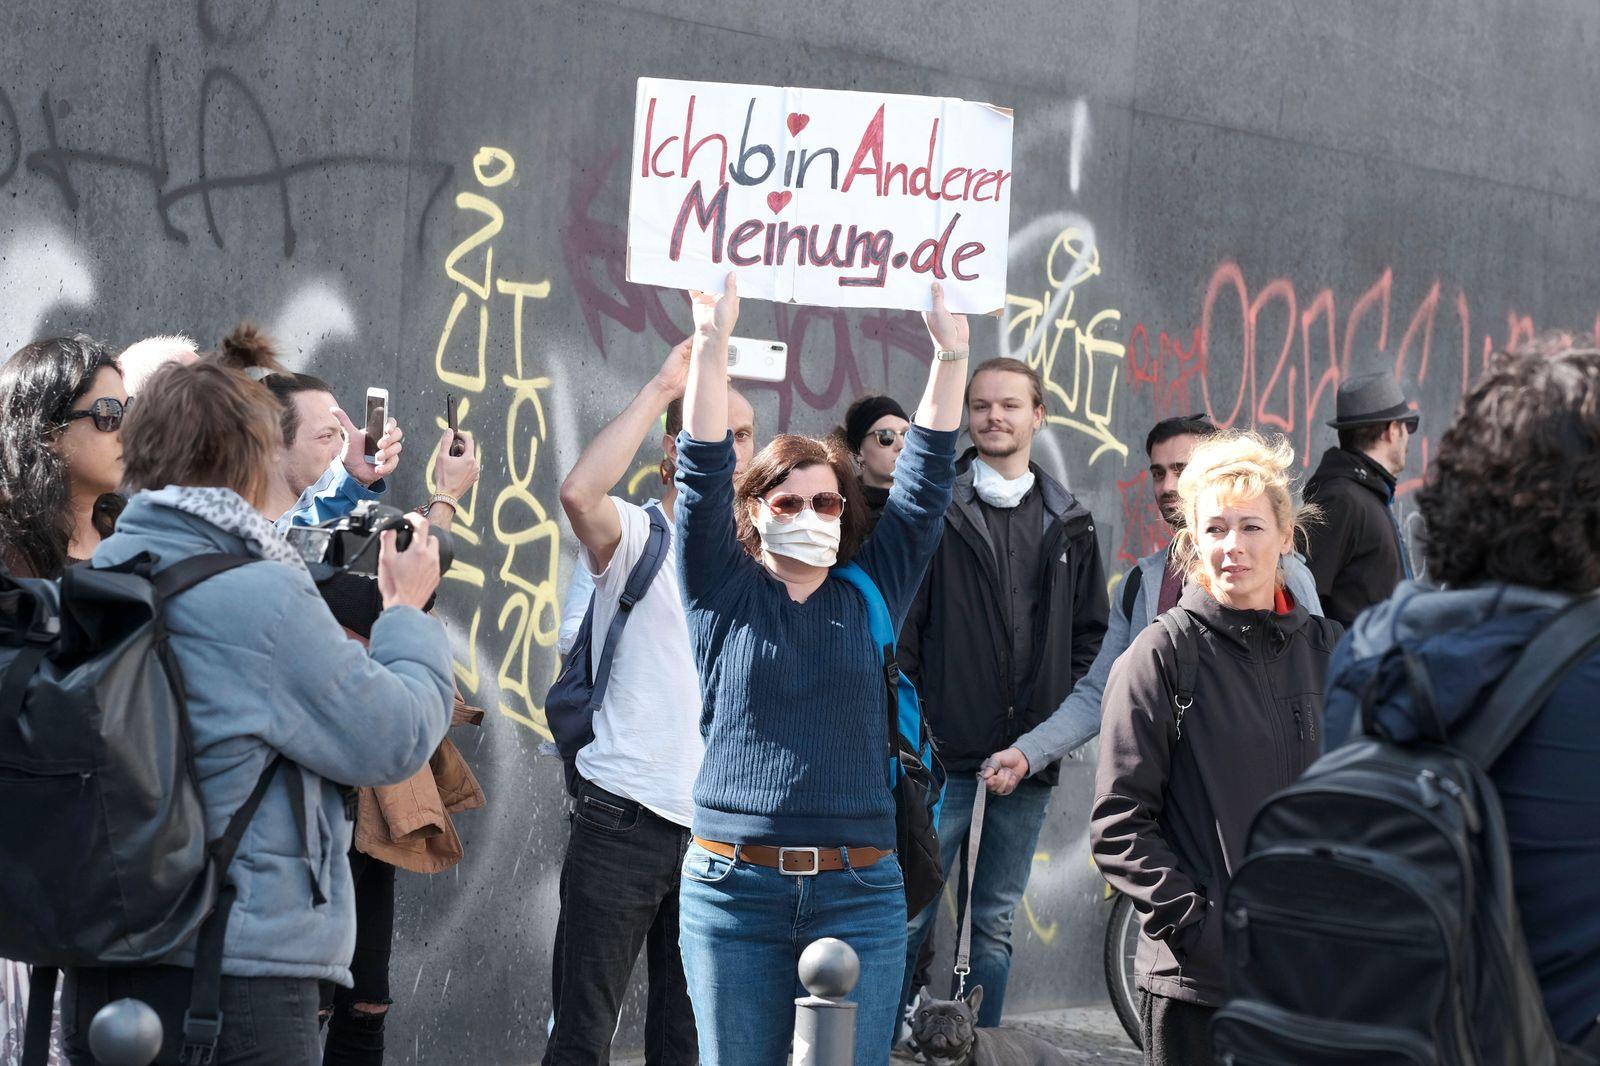 Prostest der Kommunikationsstelle Demokratischer Widerstand Berlin gegen die Einschränkung der Grundrechte durch Eindämm